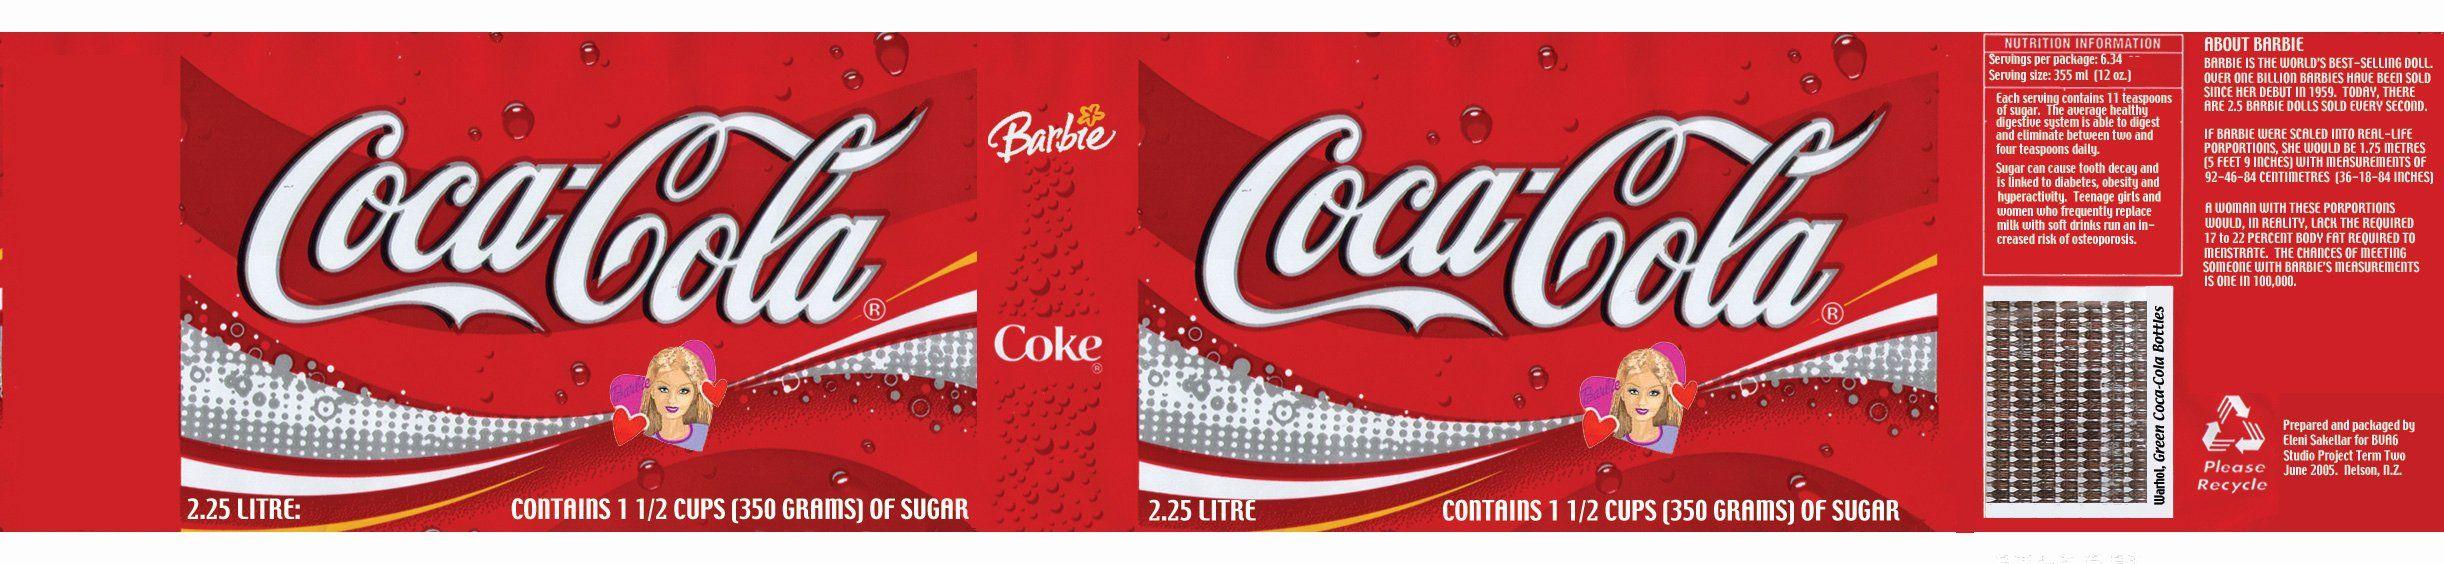 2 Liter Bottle Label Template Inspirational 27 Of Coke Label Template Bottle Label Template Label Templates Bottle Labels